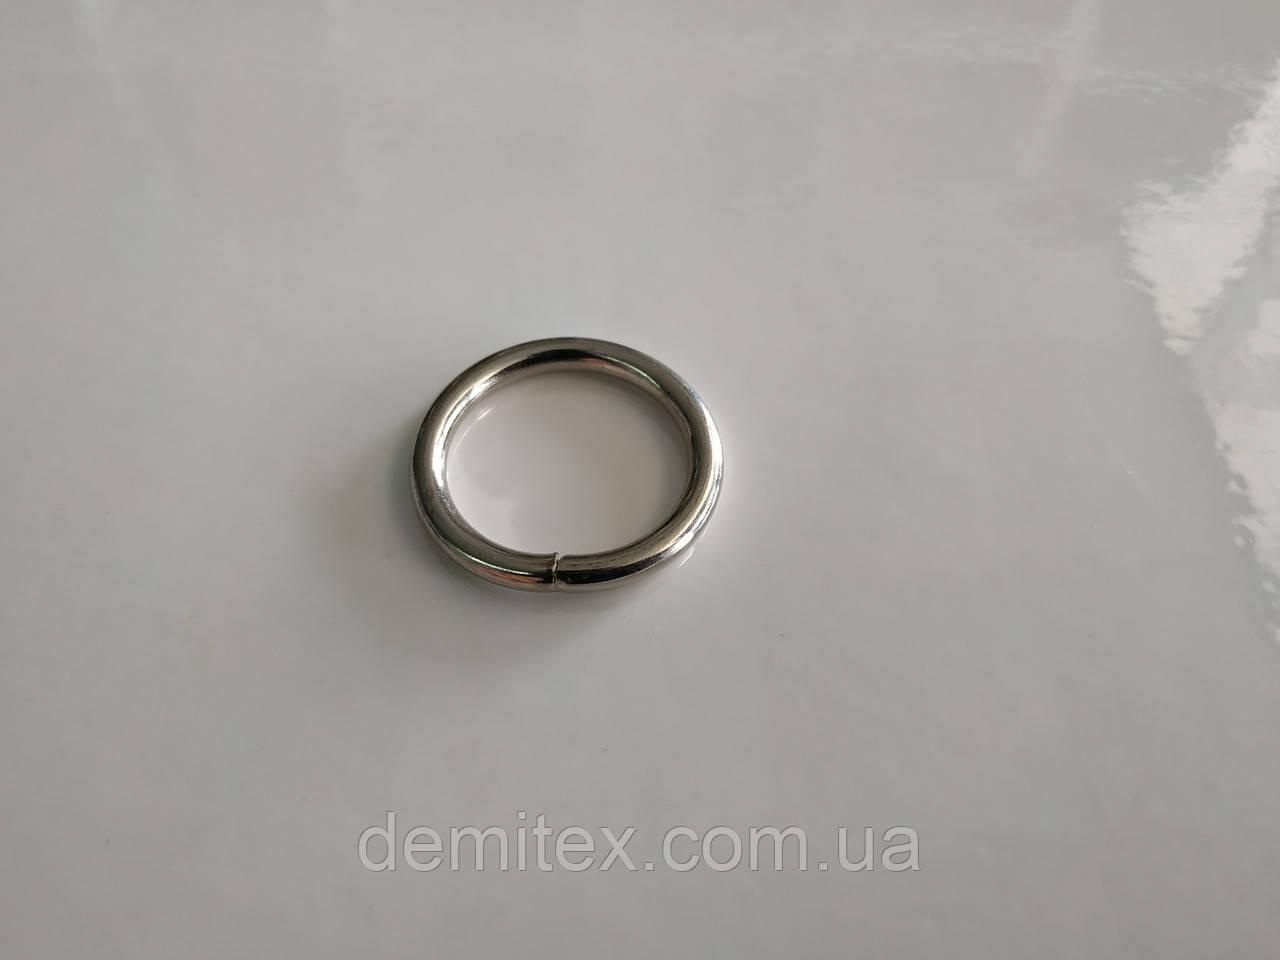 Кольцо сварное никель 20х3мм